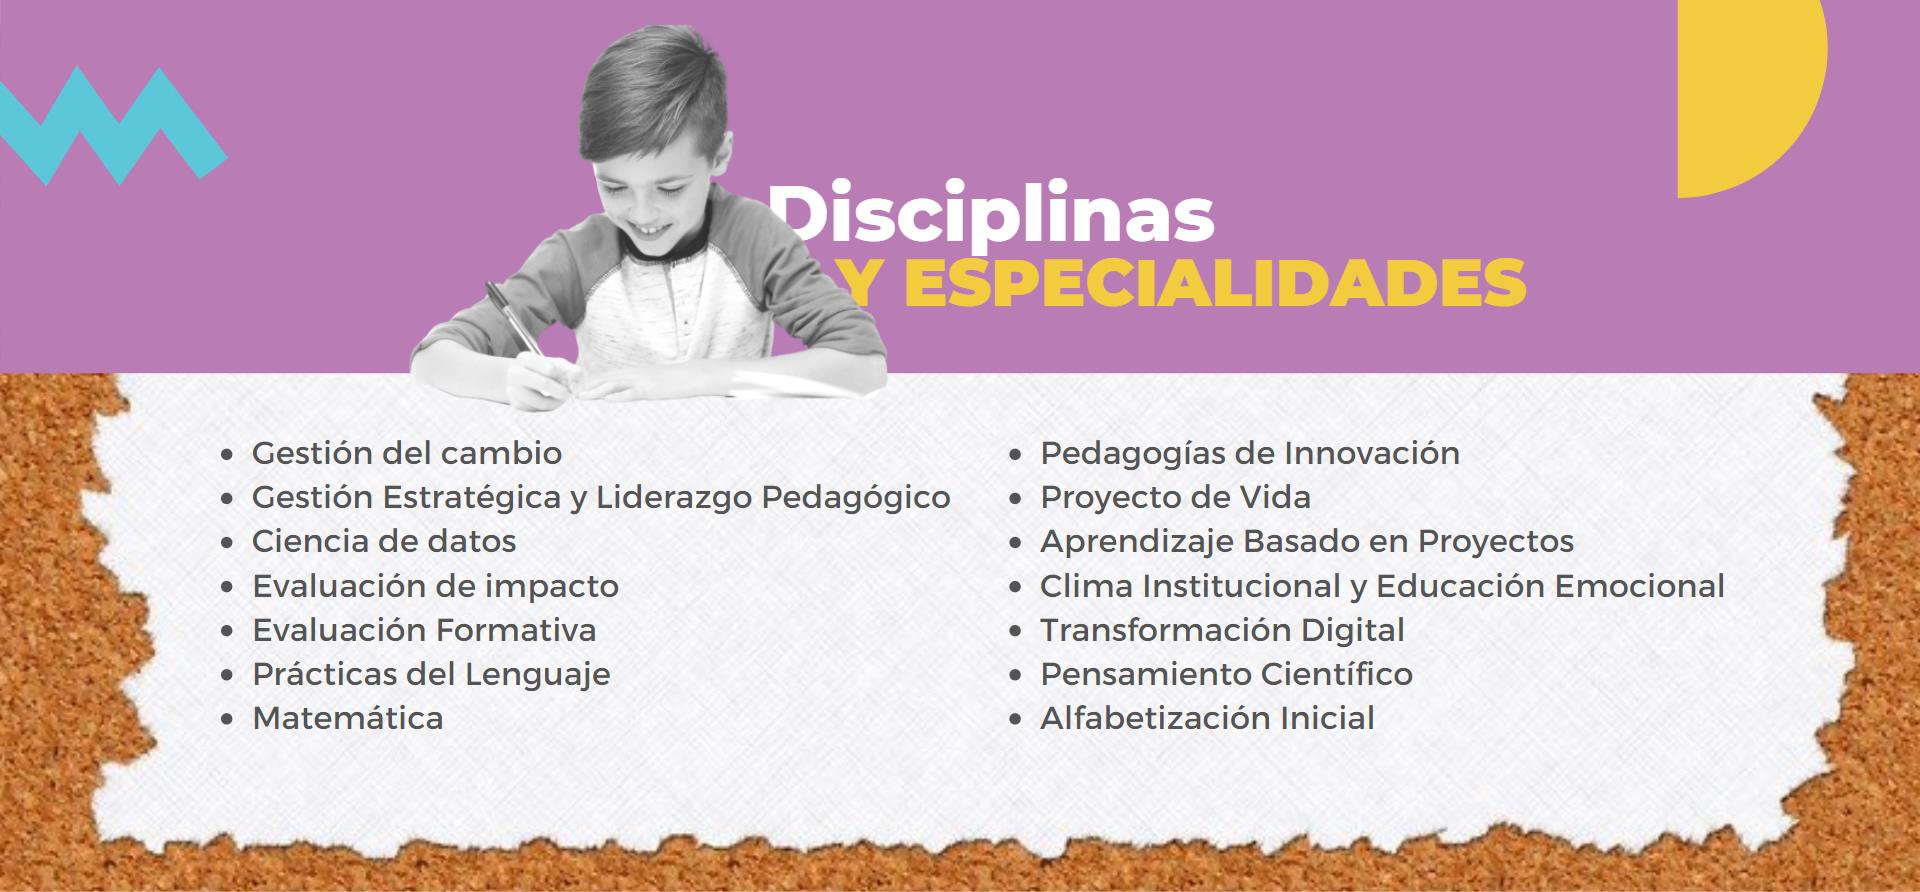 Imagen con listado de Disciplinas y Especialidades en donde se visualiza un chico contento escribiendo sobre unas hojas